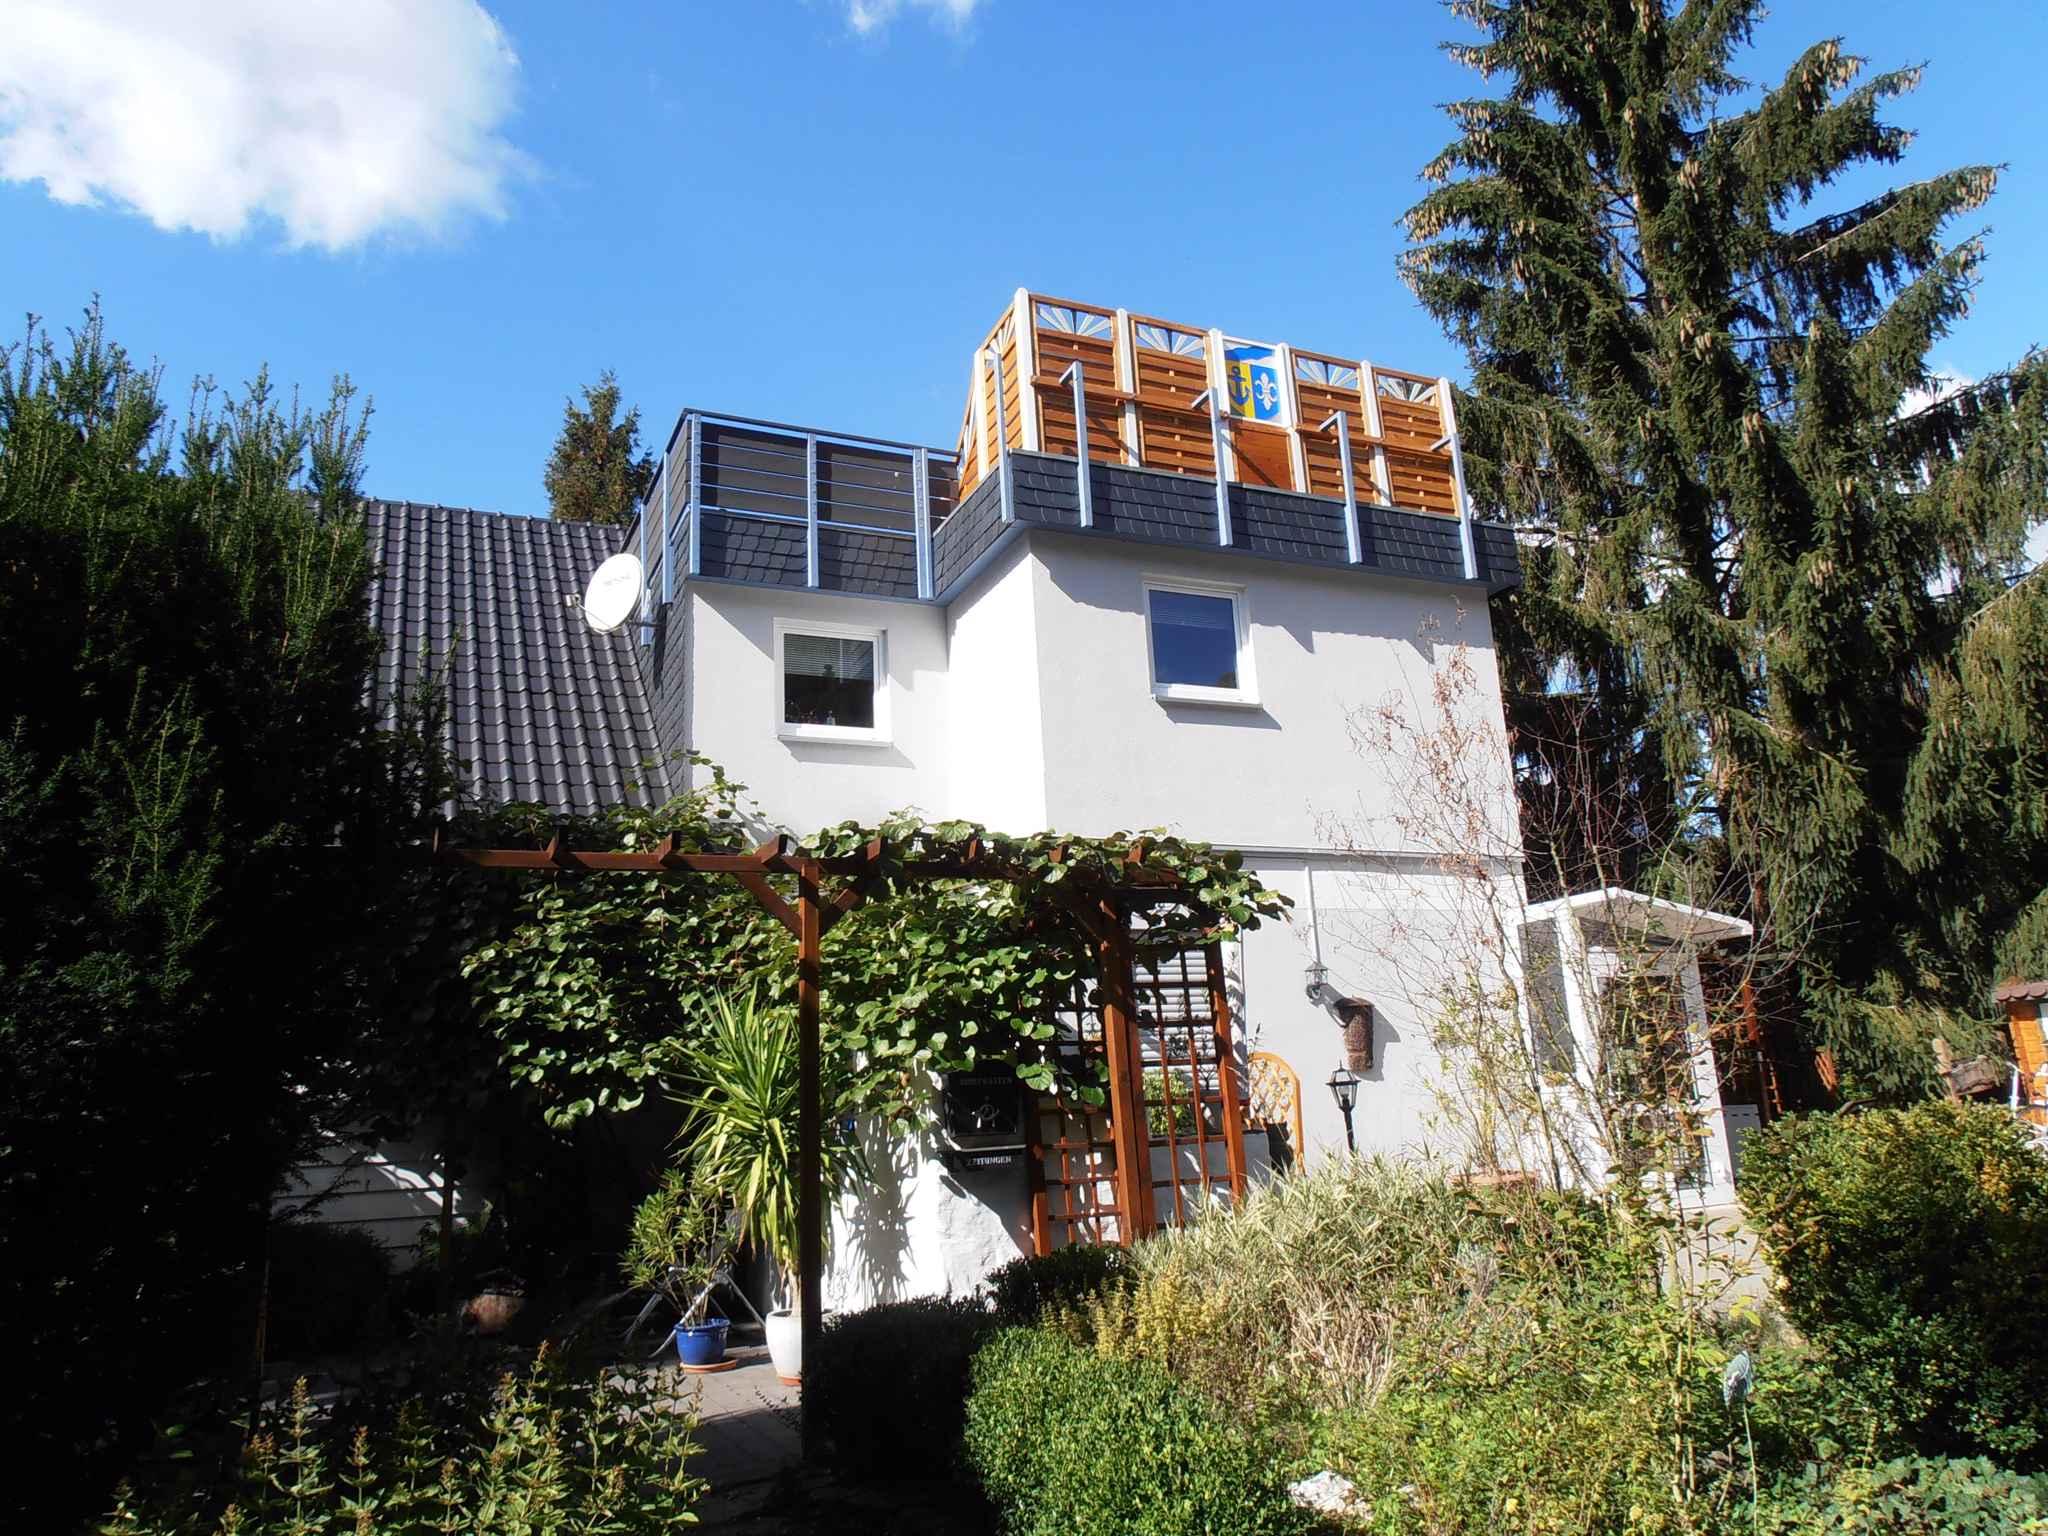 Ferienwohnung mit einer wunderschönen Aussich   Rheinland Pfalz